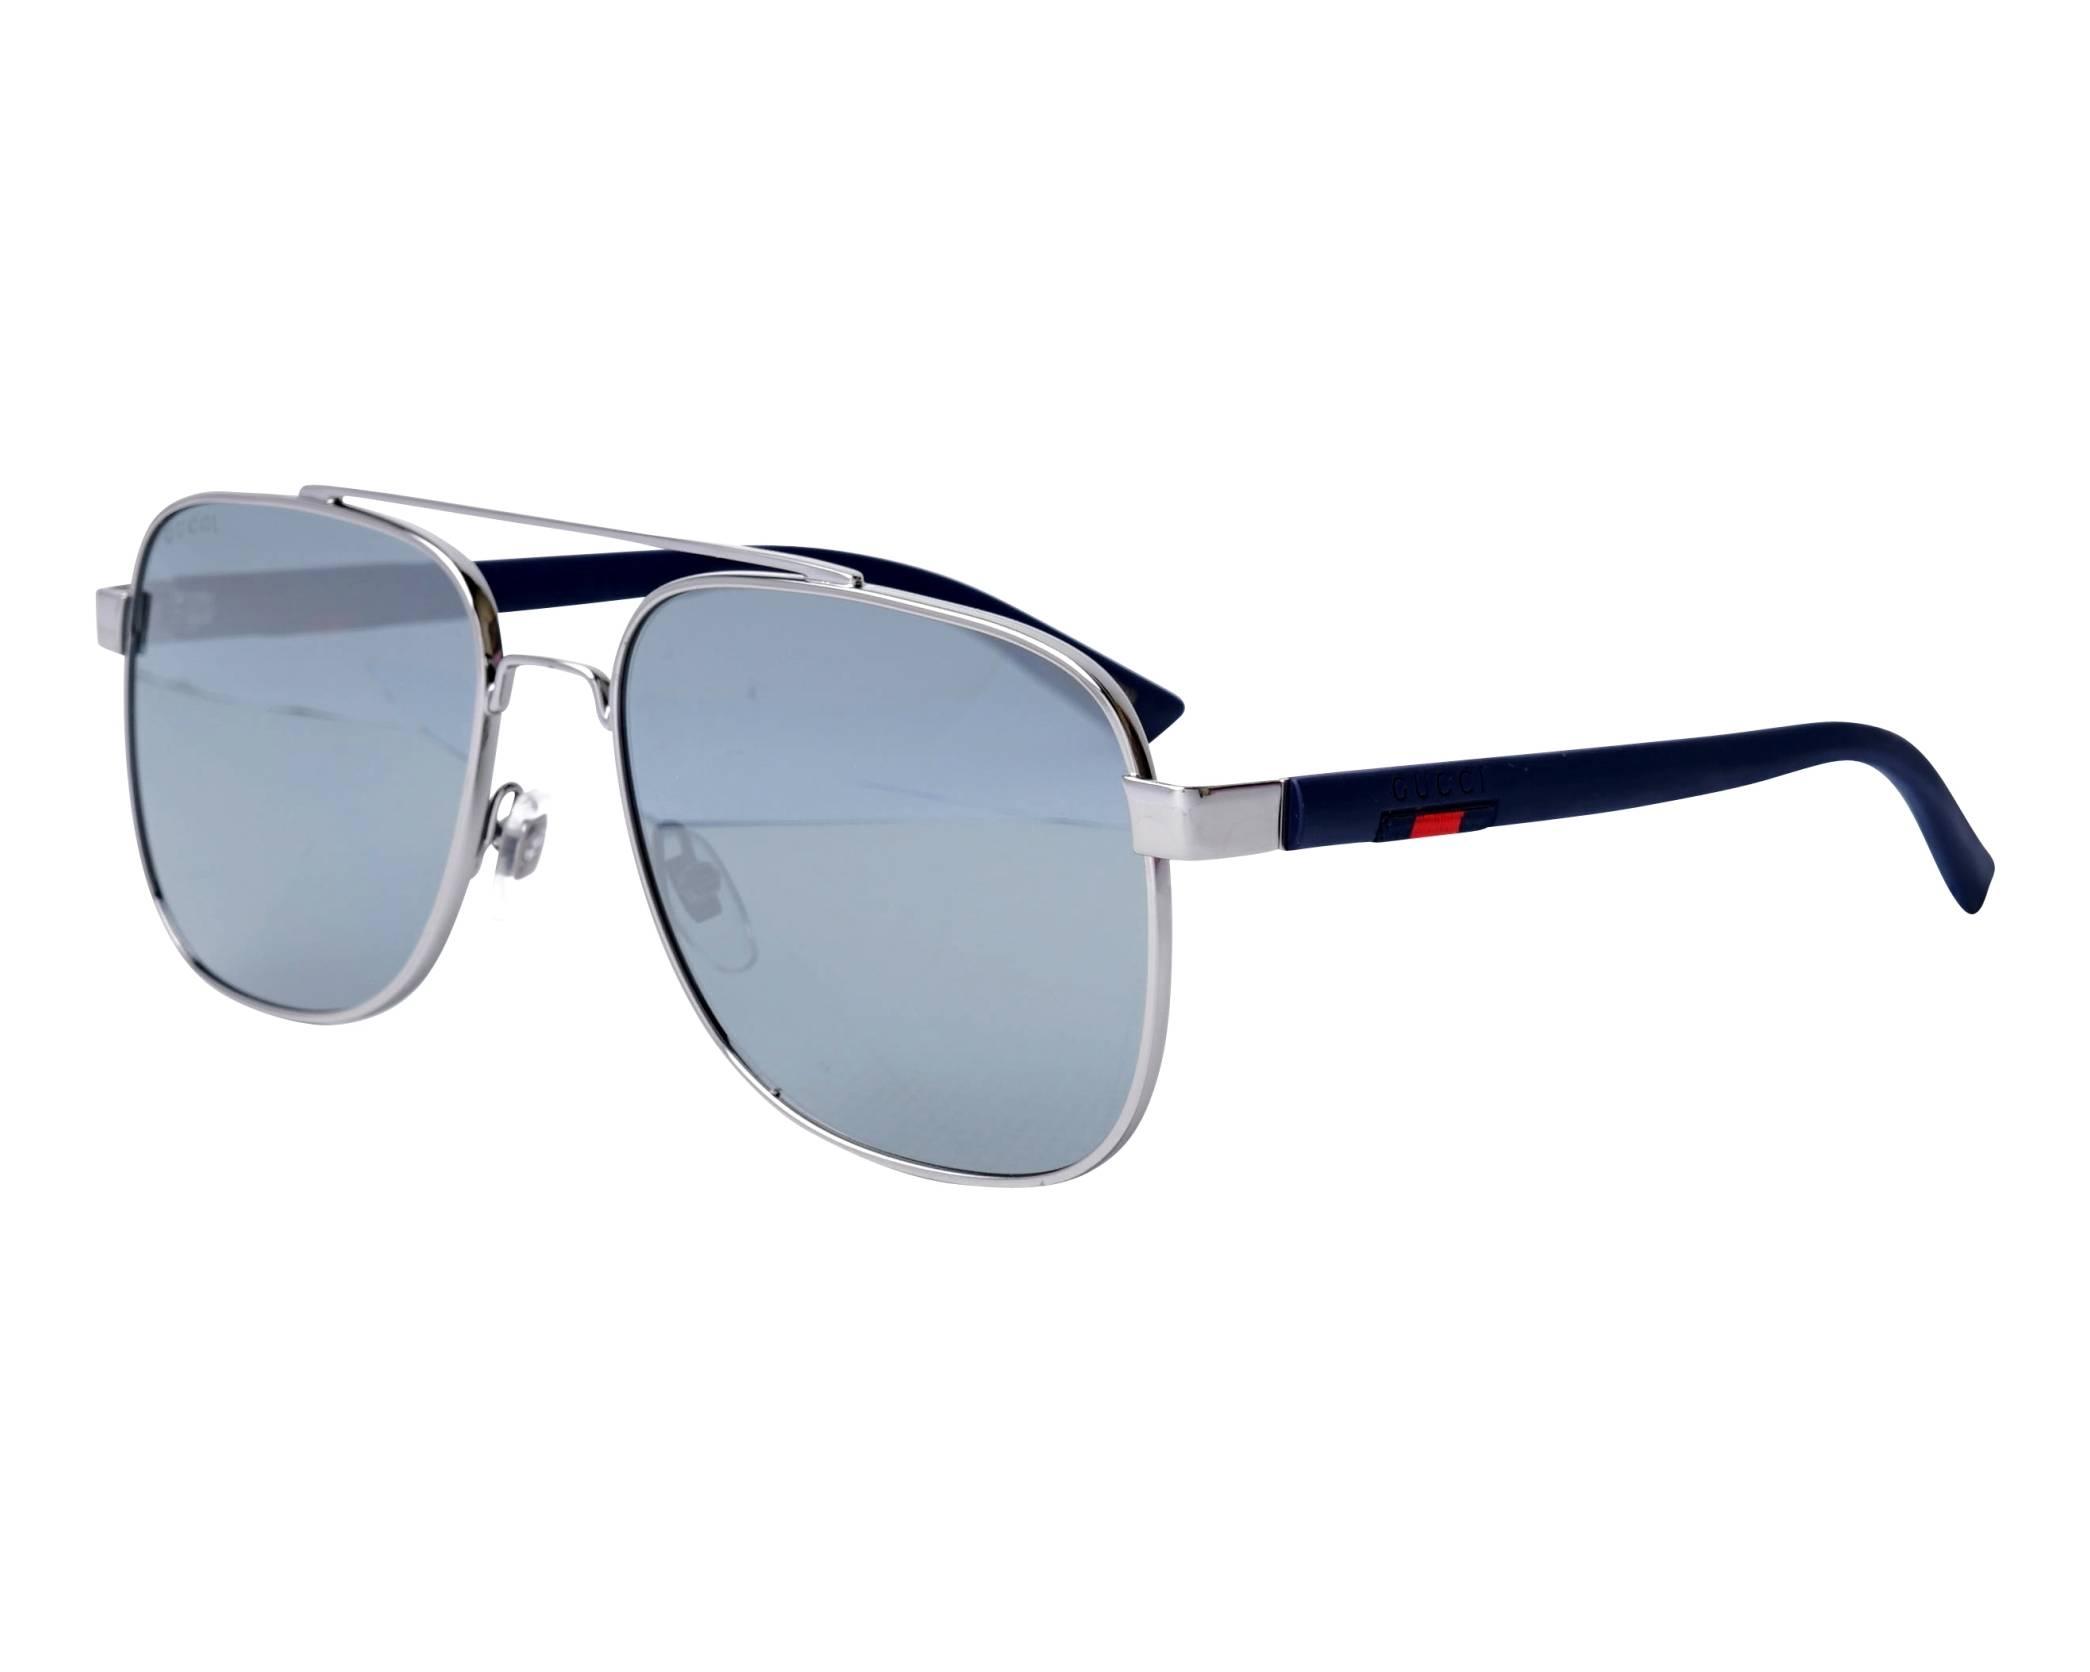 995a2395677 Sunglasses Gucci GG-0422-S 004 60-17 Ruthenium Blue profile view